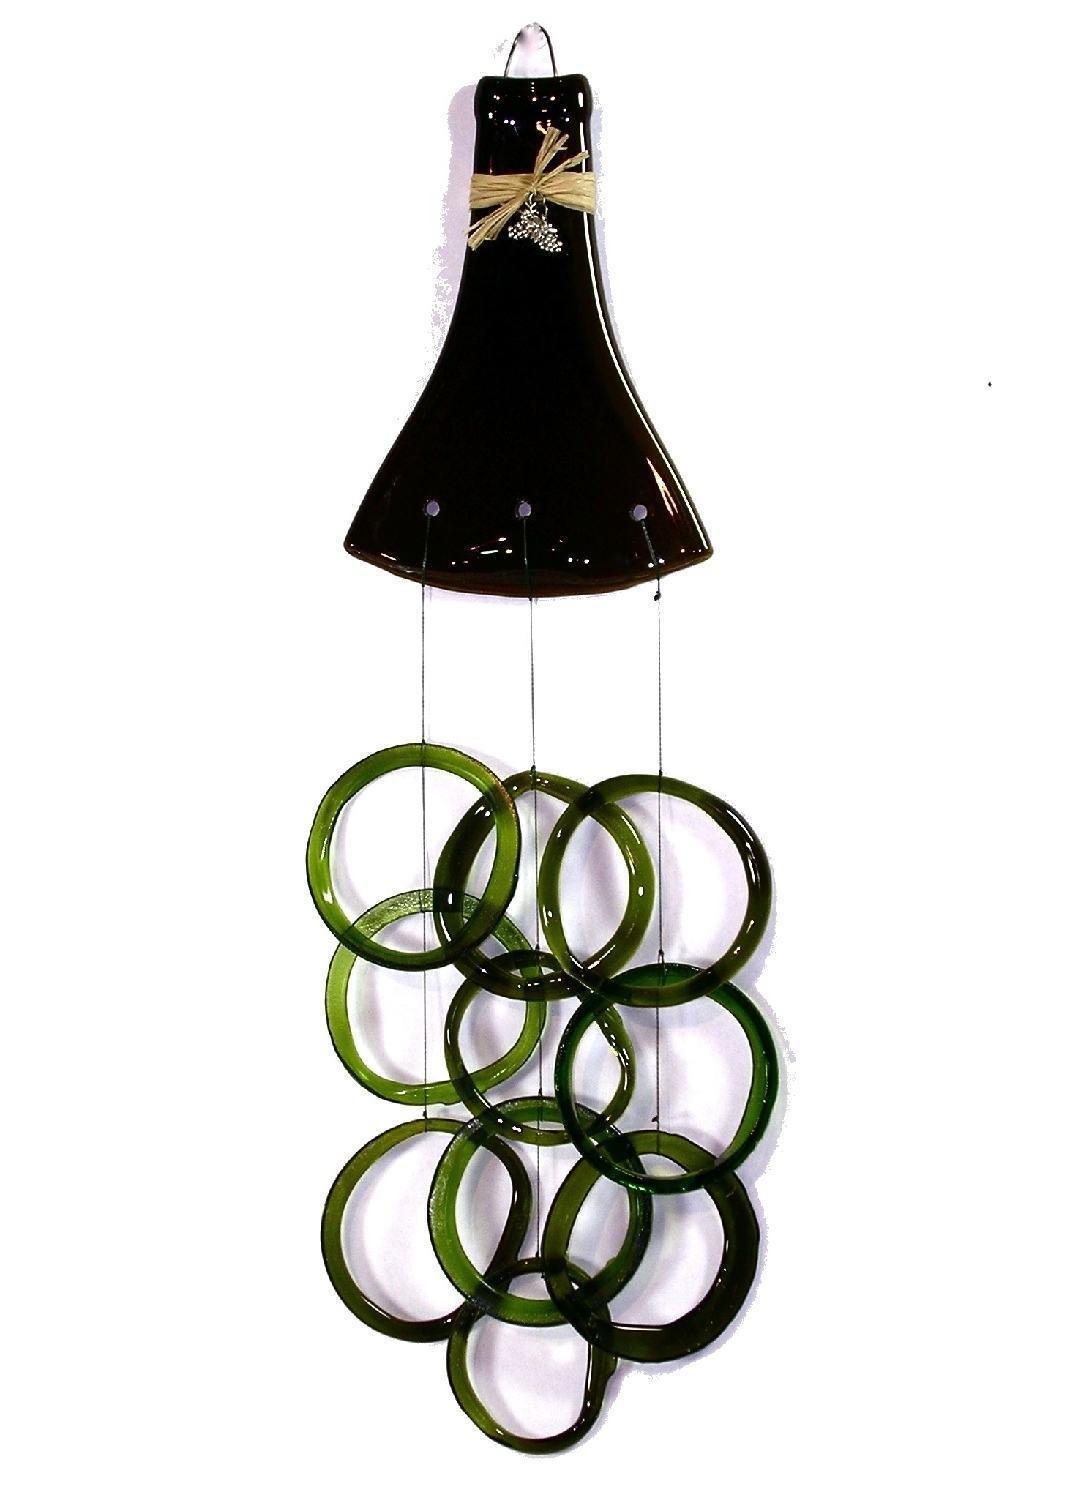 Garrafa amassada com anéis de vidro pendurados.